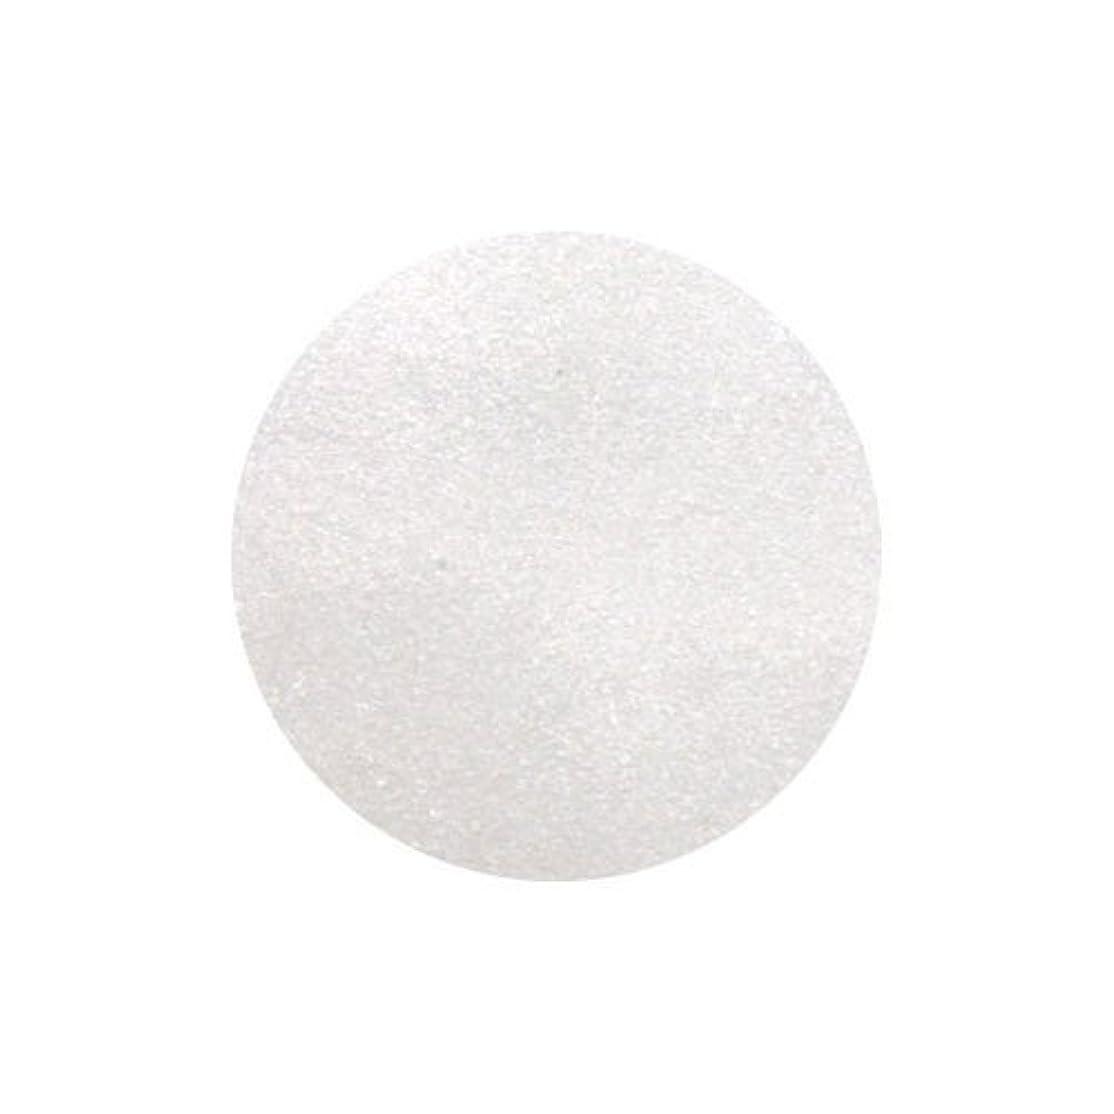 鳴らすみすぼらしい挑むピカエース ネイル用パウダー ピカエース クリスタルパール 3S #420-CW3S ホワイト 0.5g アート材